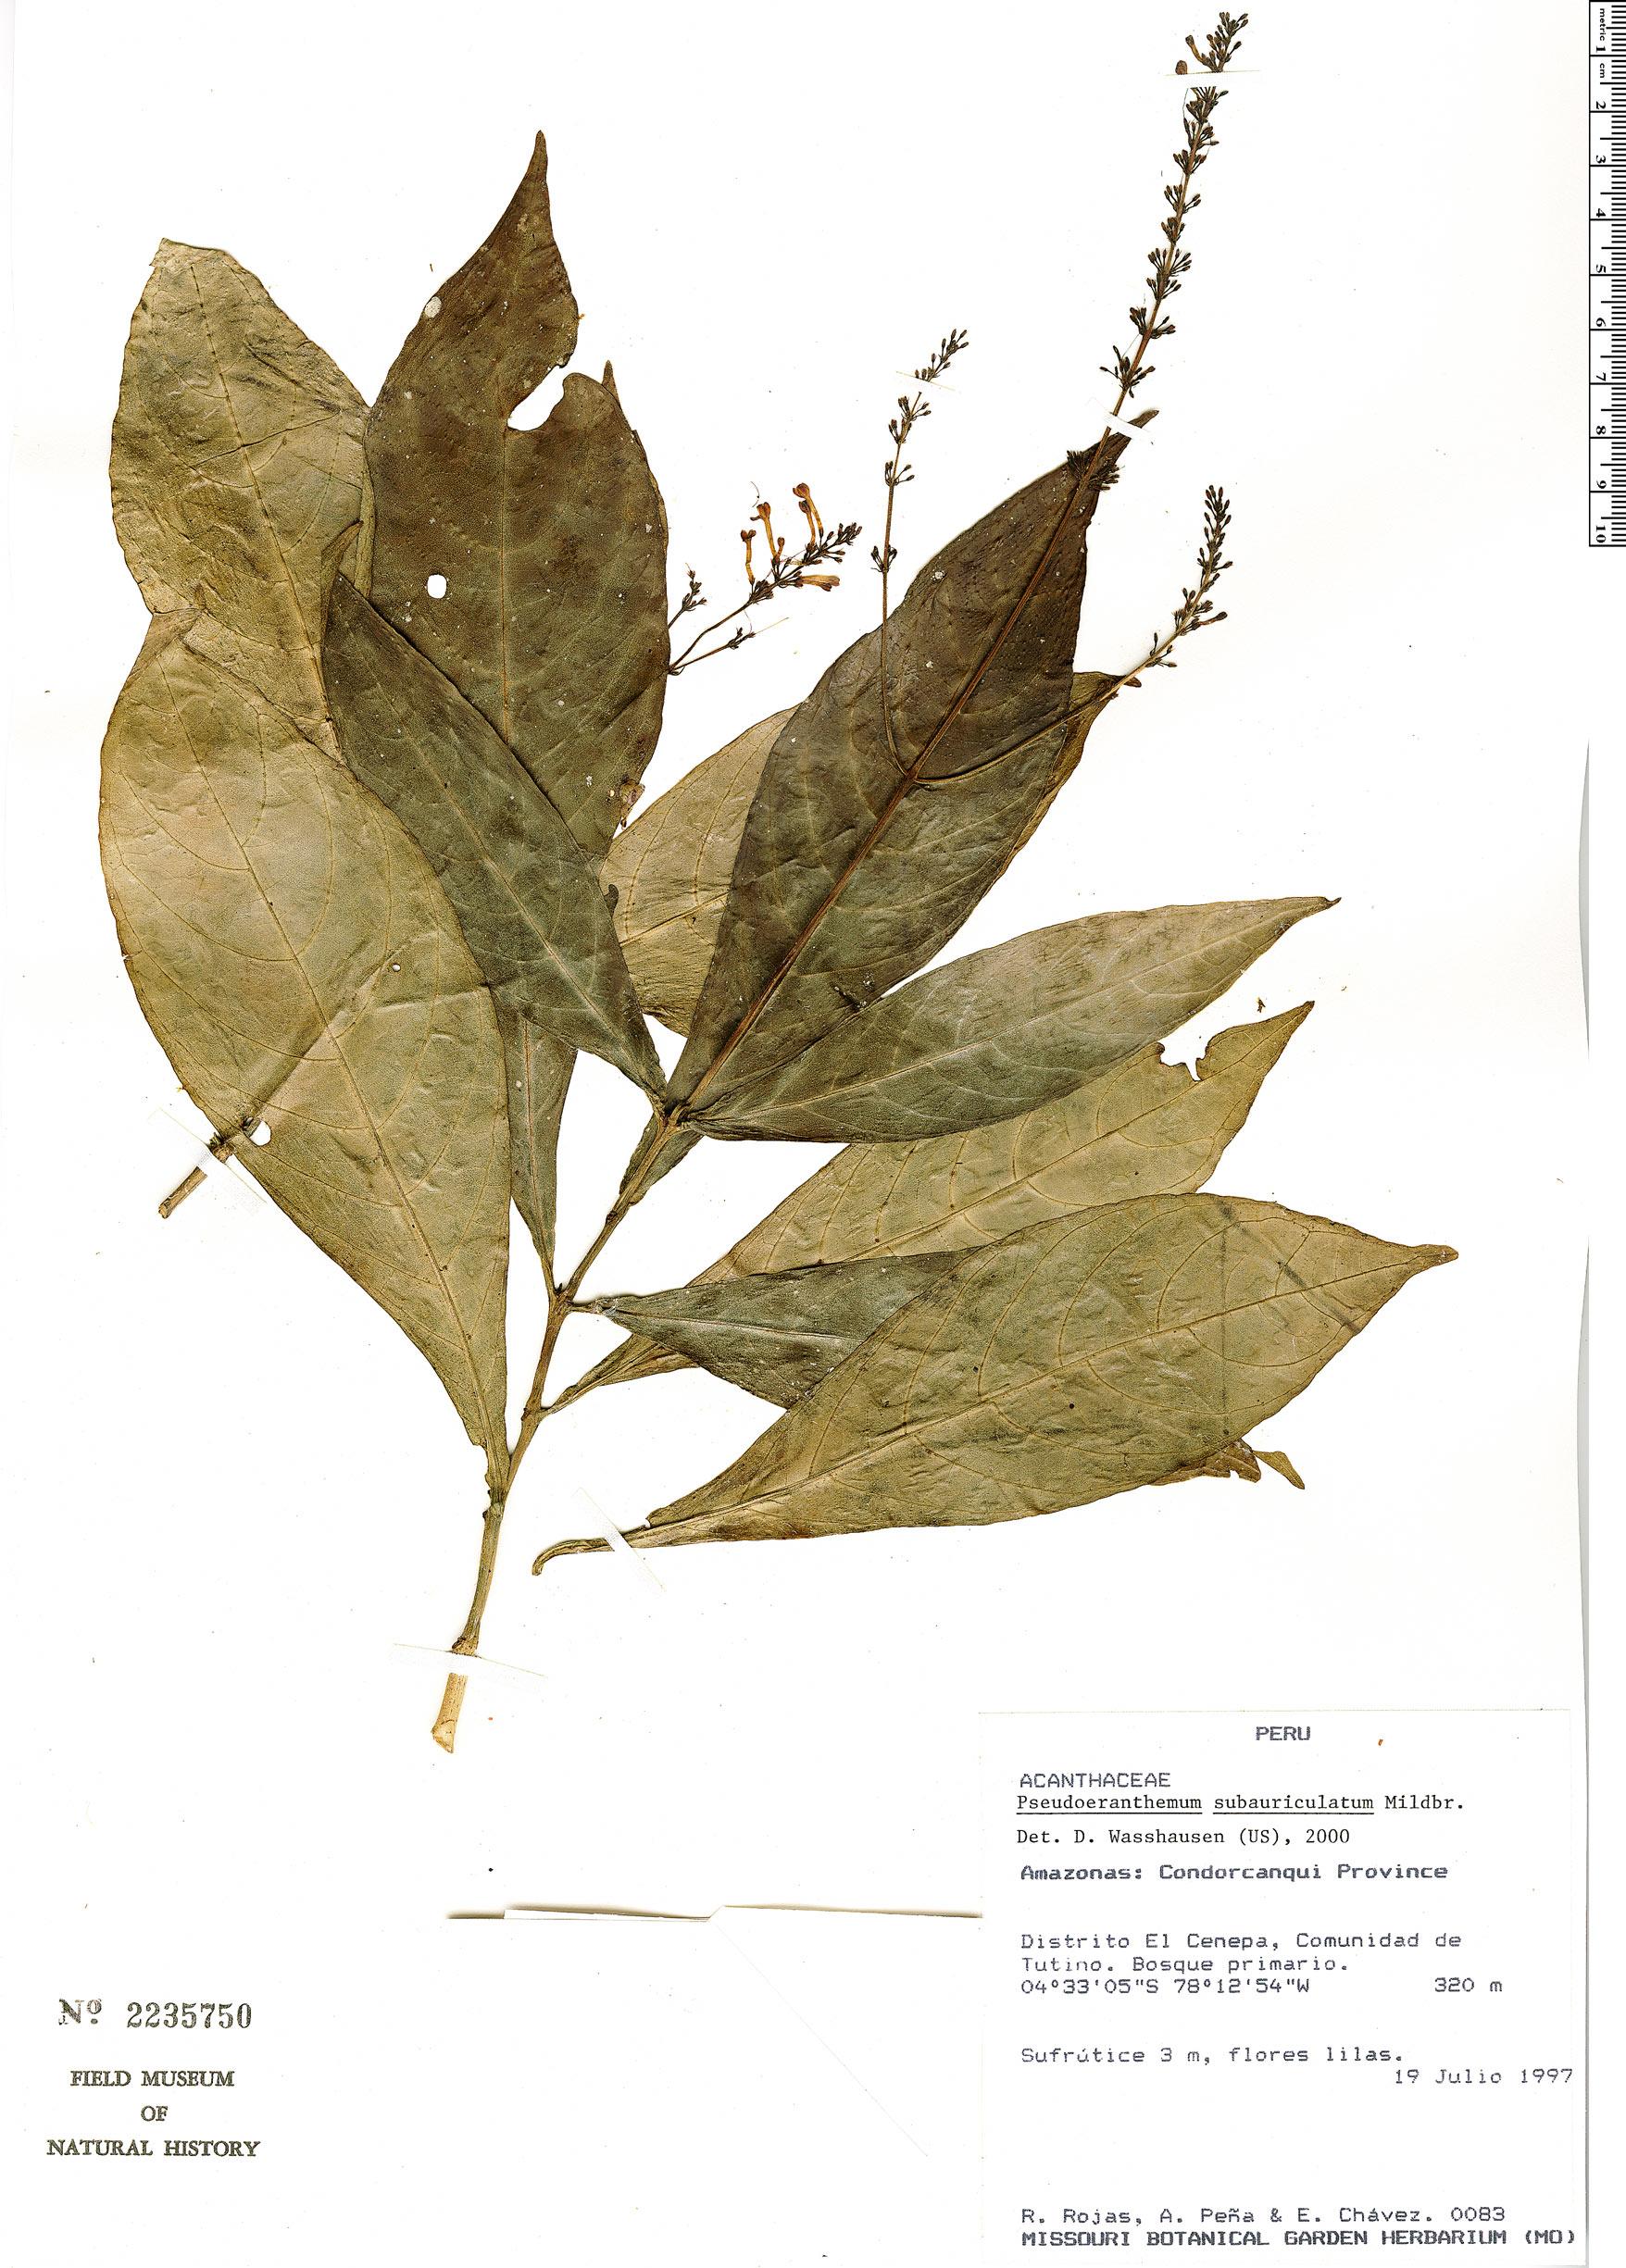 Specimen: Pseuderanthemum subauriculatum